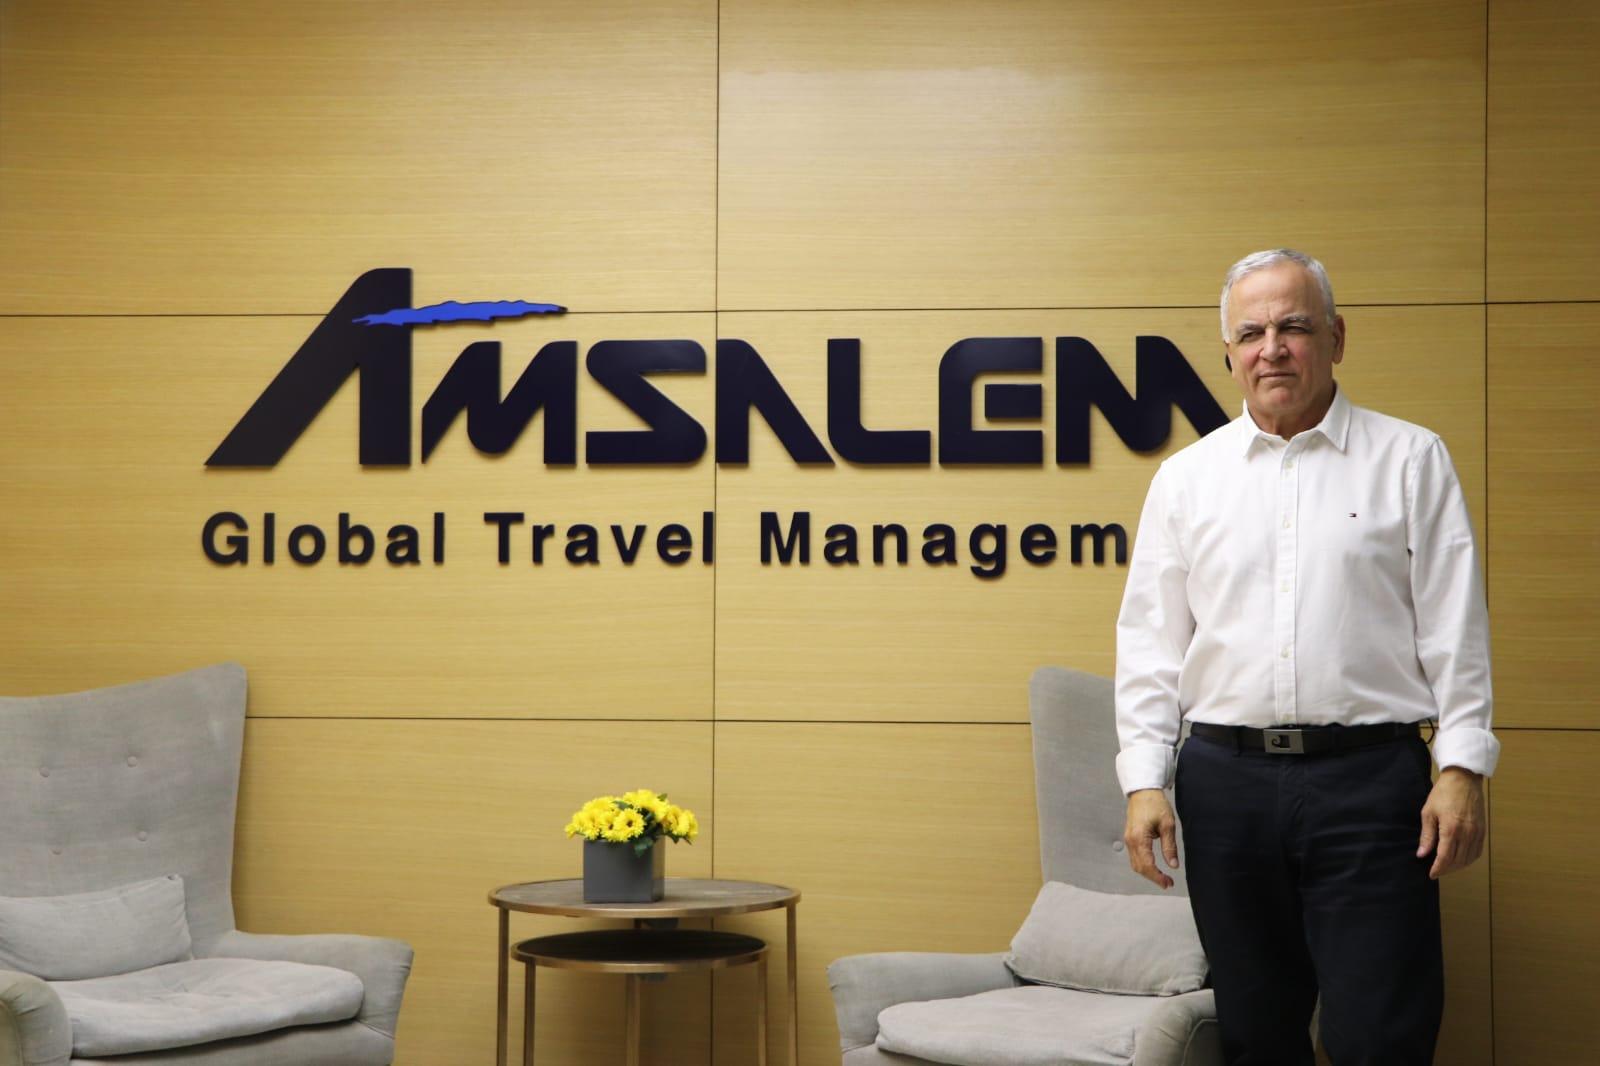 יעקב אמסלם בעלים של קבוצת אמסלם תיירות ונופש צילום דניאל אביגדור